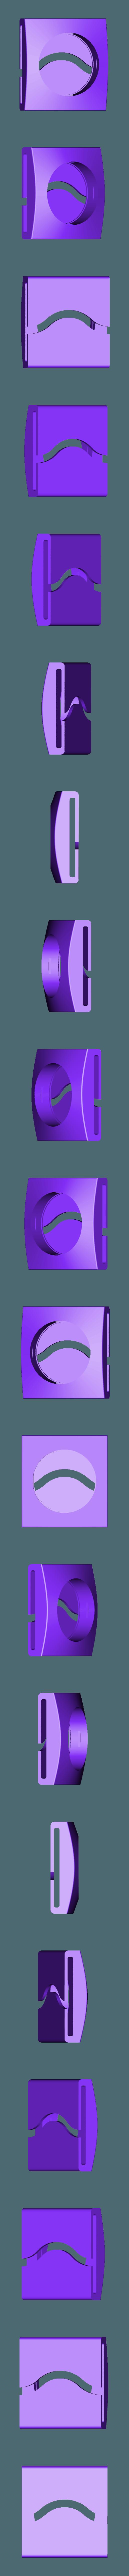 25mm_Compass_Webbing_v1-2_SLOT.STL Télécharger fichier STL gratuit Sangle Compass • Modèle pour impression 3D, WalterHsiao